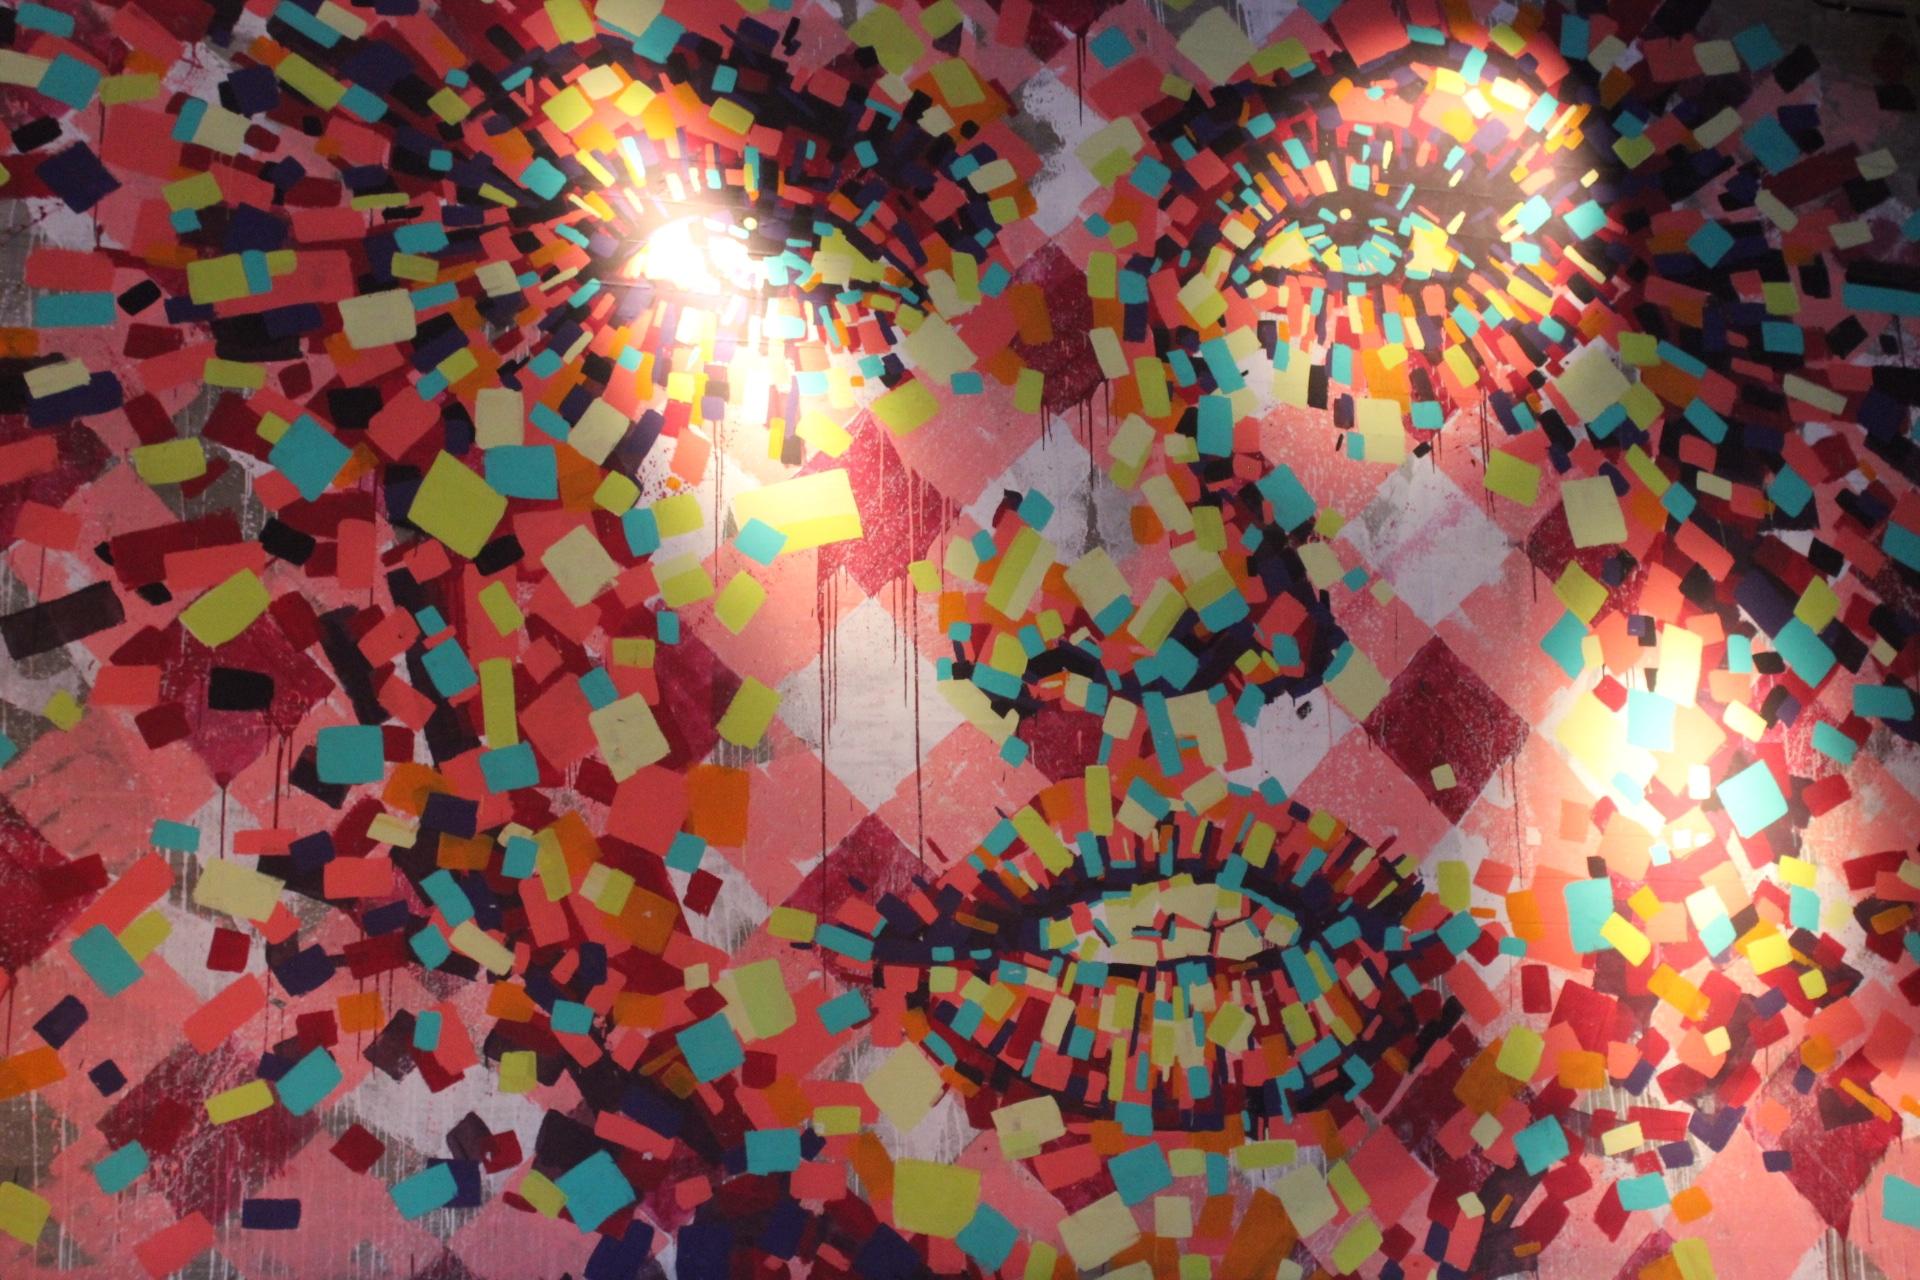 Un'opera di street art a Buenos Aires: il volto di una persona ricostruito con quadrati di ogni colore su sfondo rosso e rosa